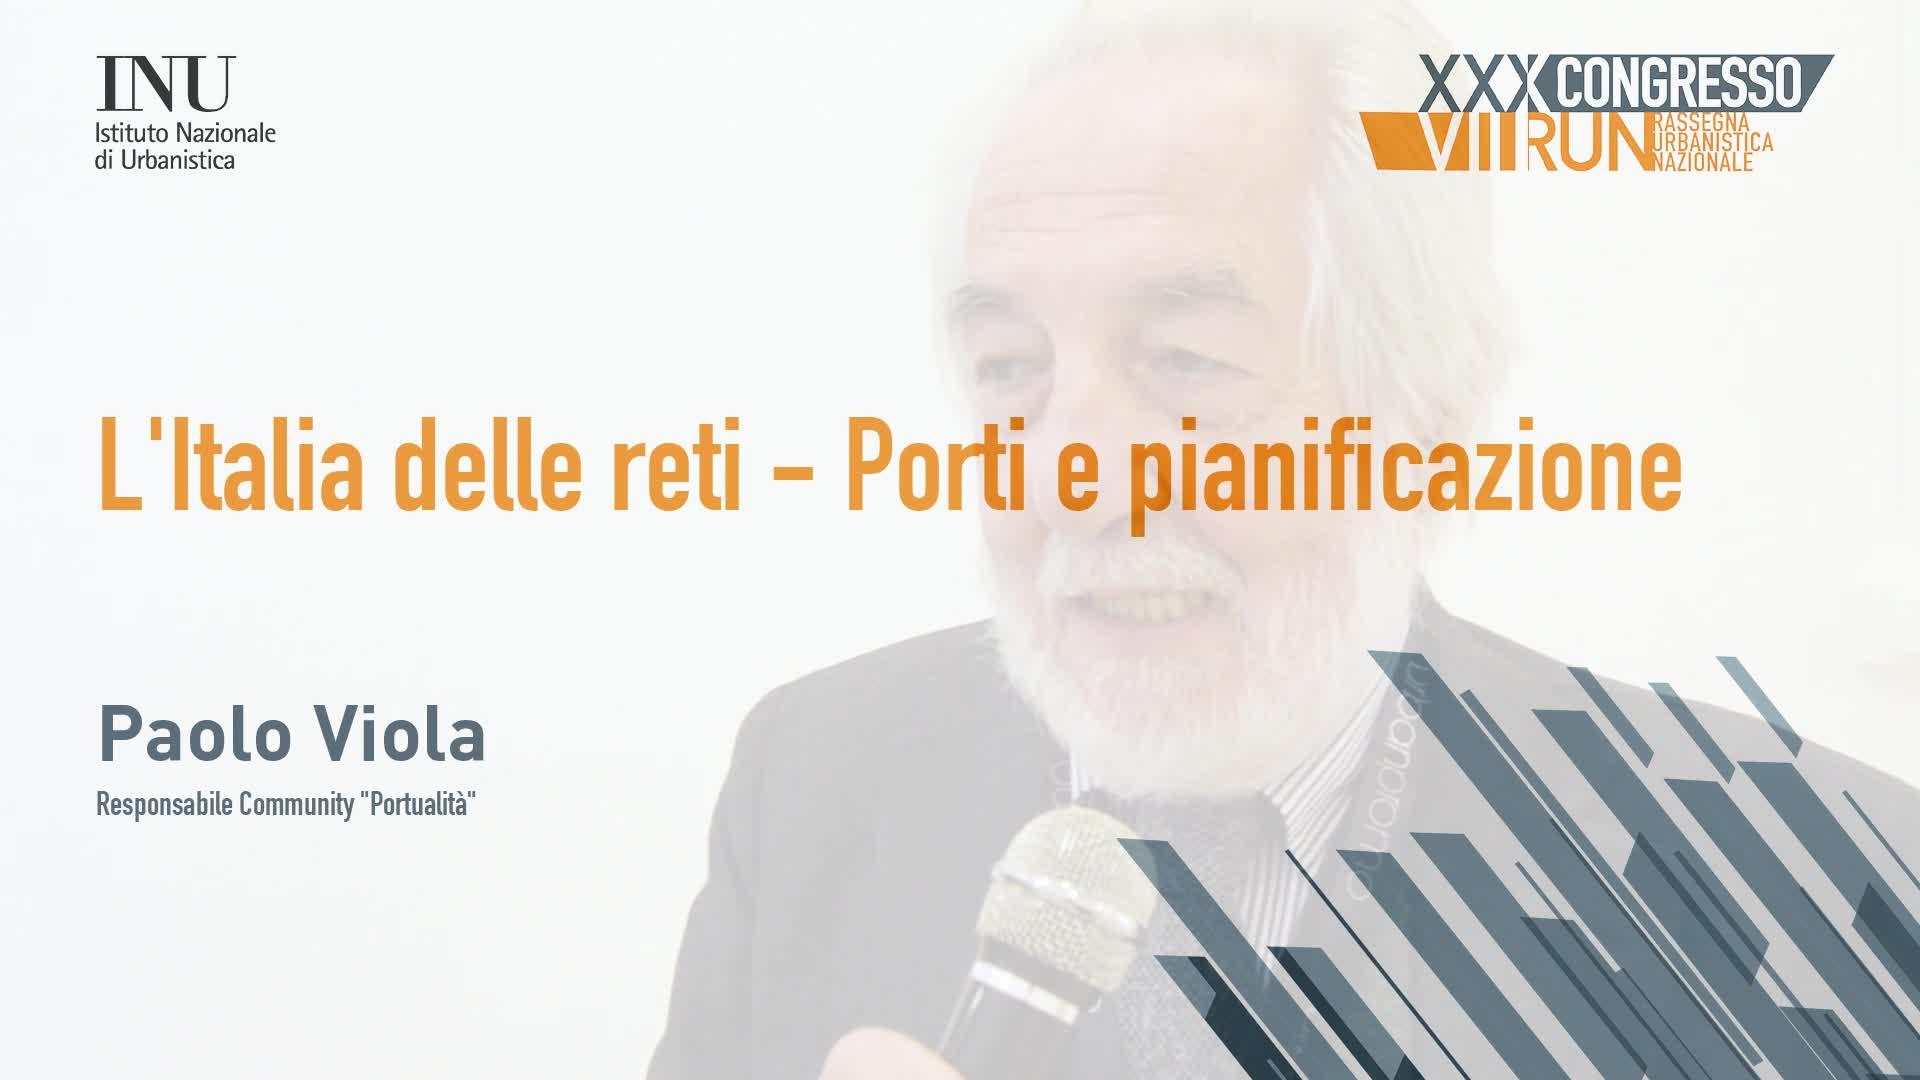 L'Italia delle reti: porti e pianificazione